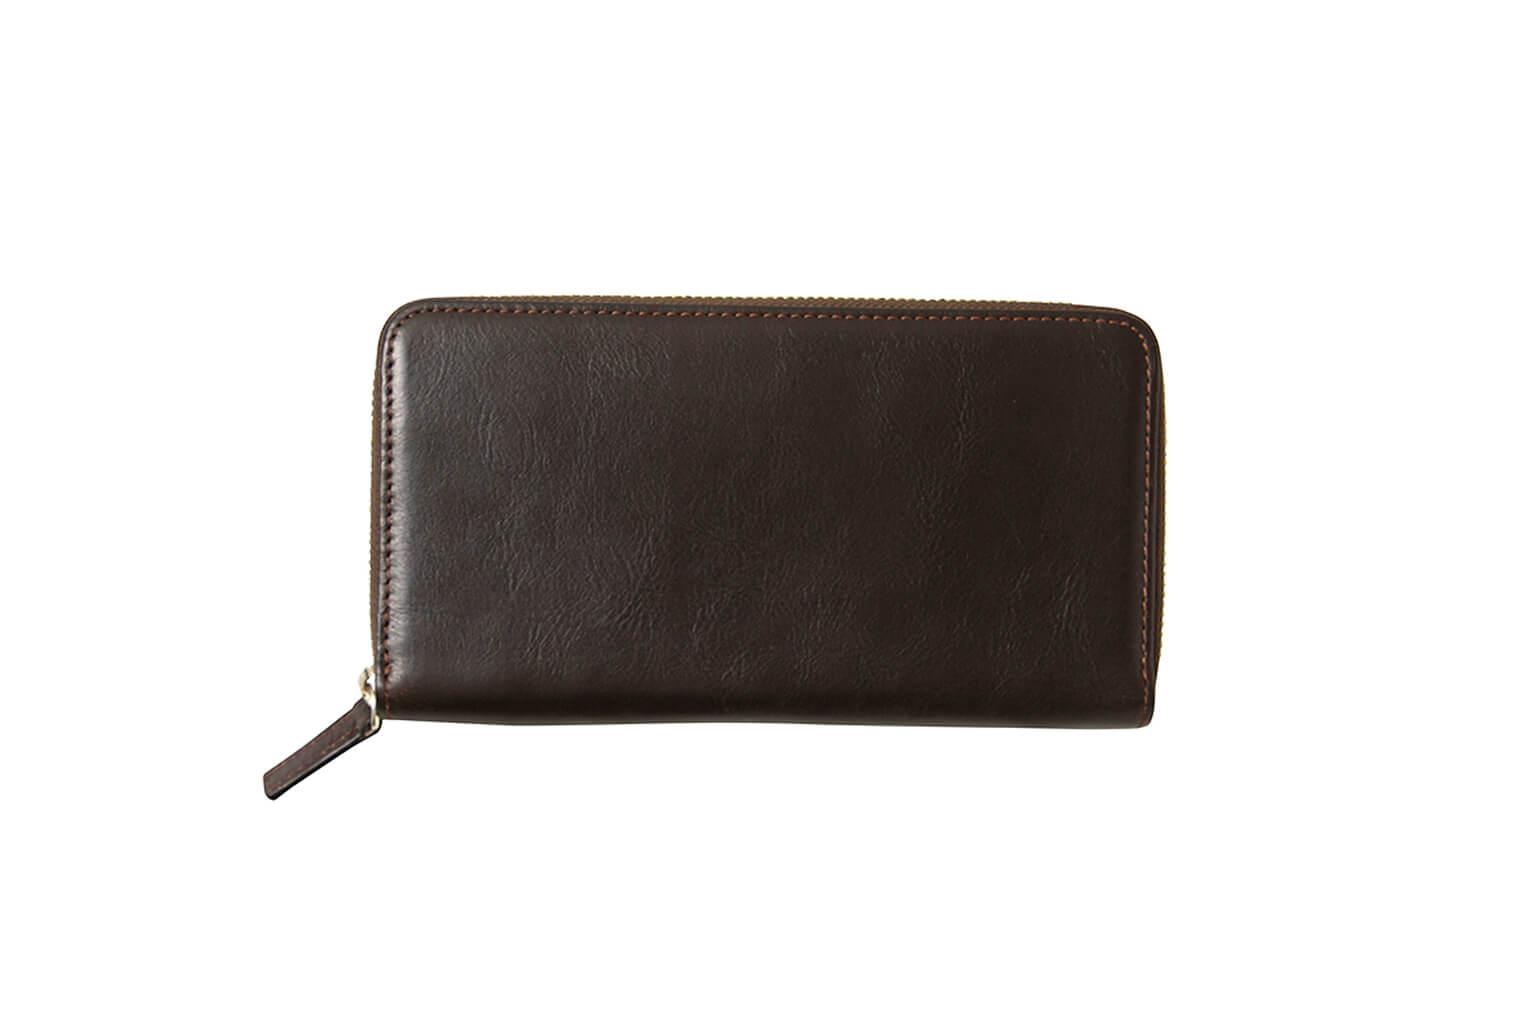 ダークブラウン Business Leather Factory(ビジネスレザーファクトリー) 長財布(ラウンドファスナー)